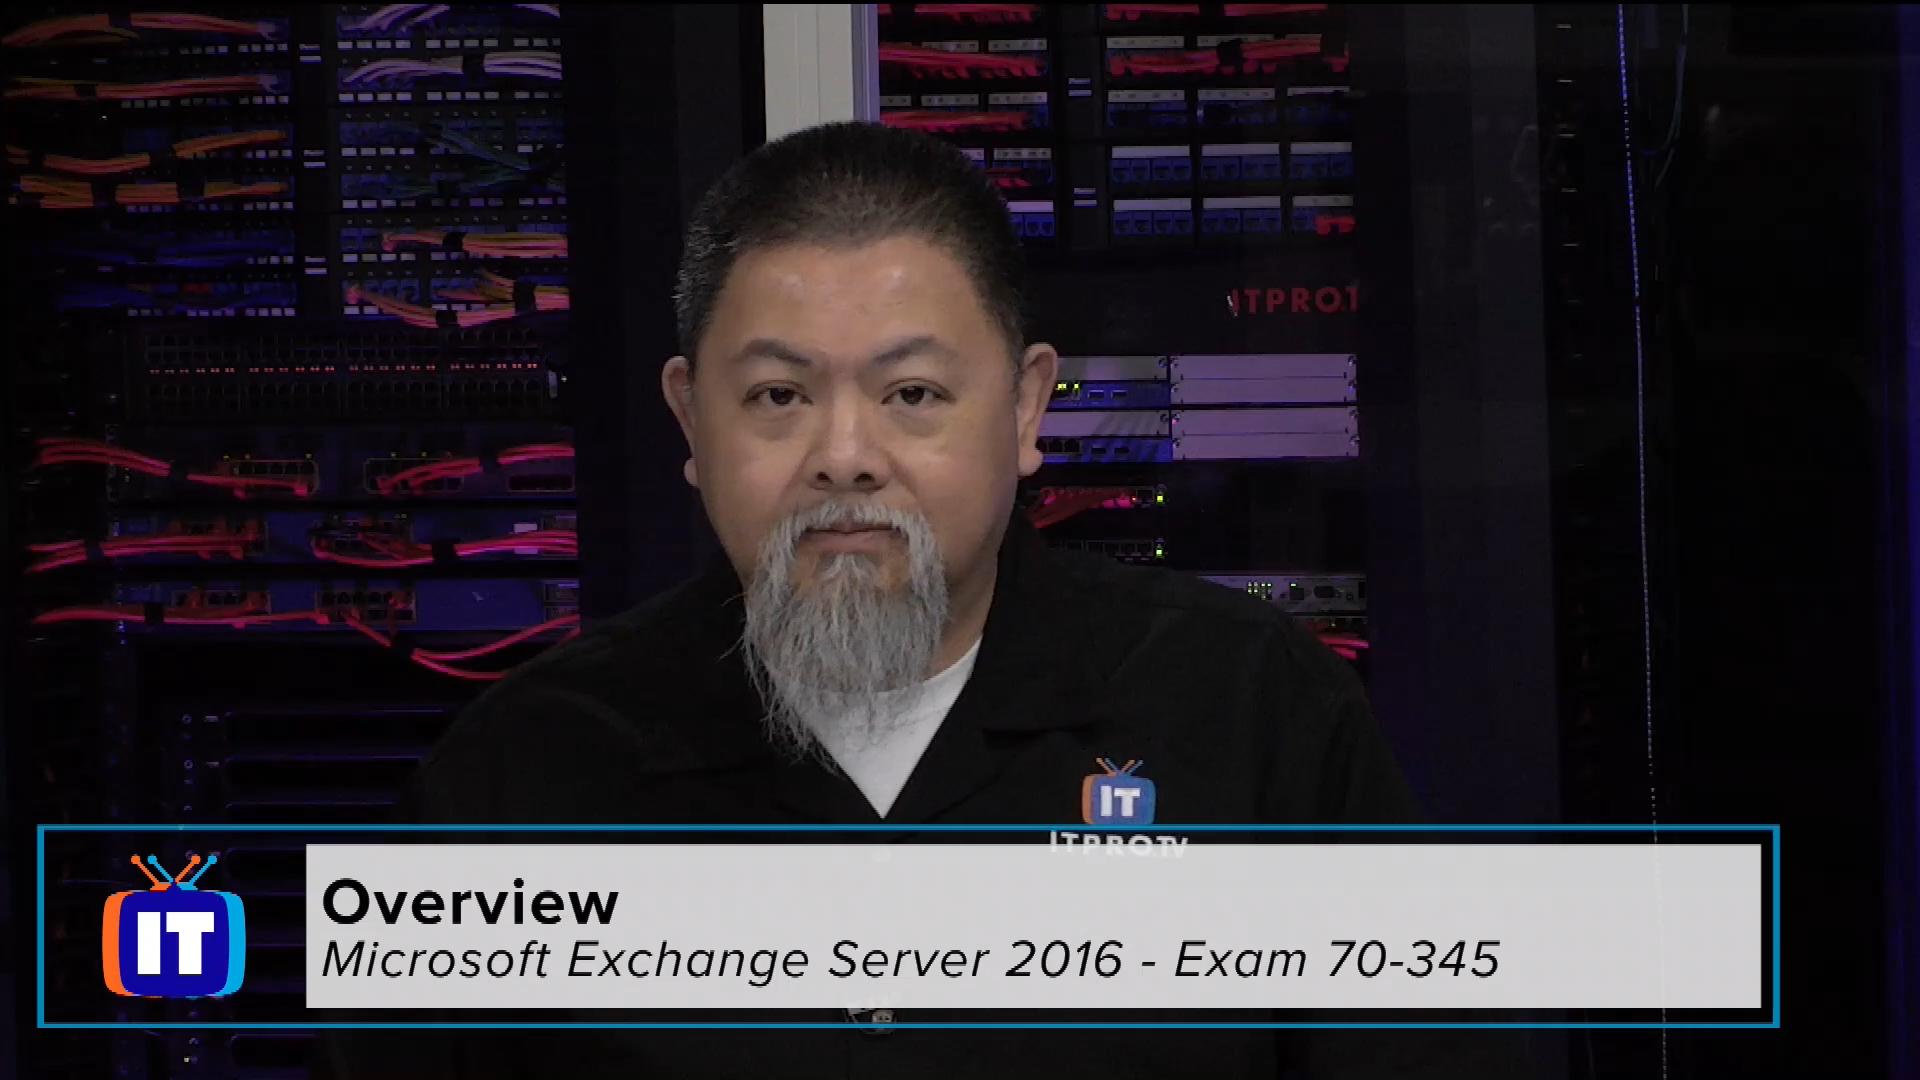 Microsoft Exchange Server 2016 - 70-345